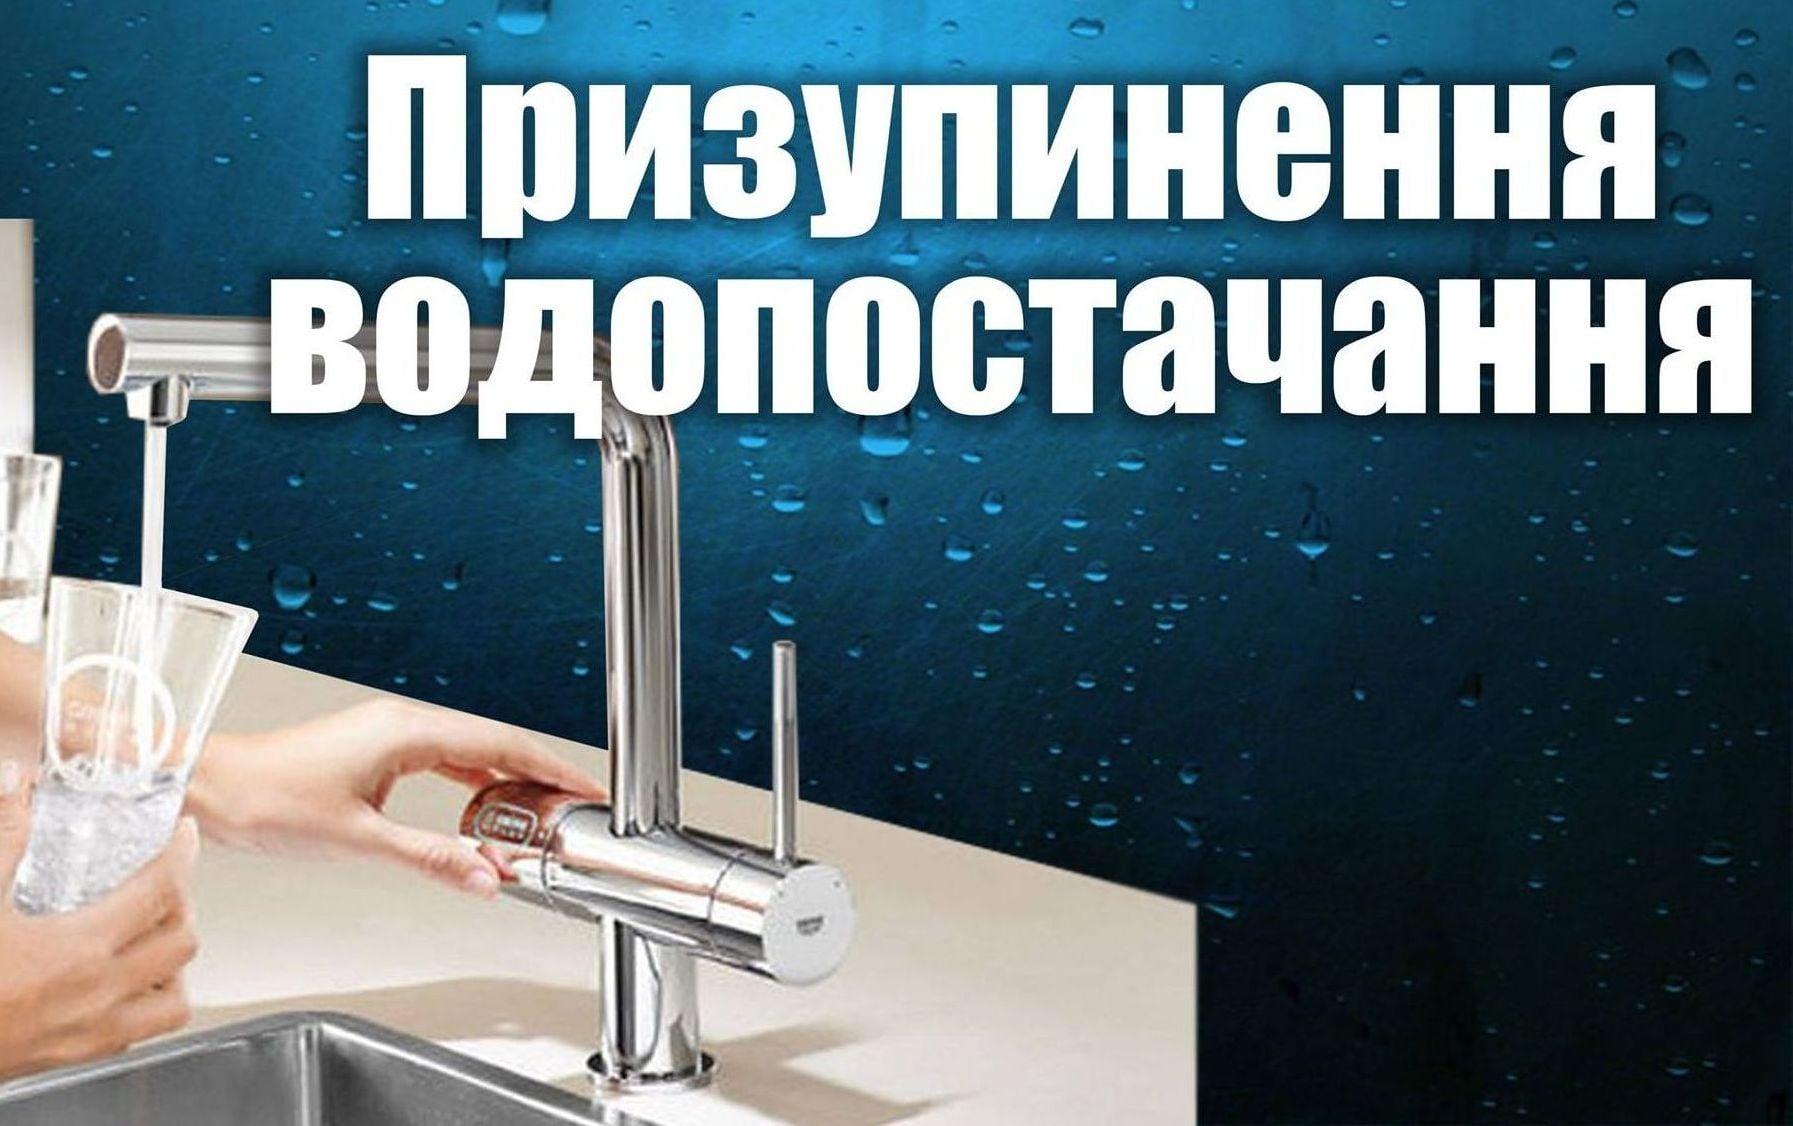 Ніжинський водоканал, Ніжин, водопостачання